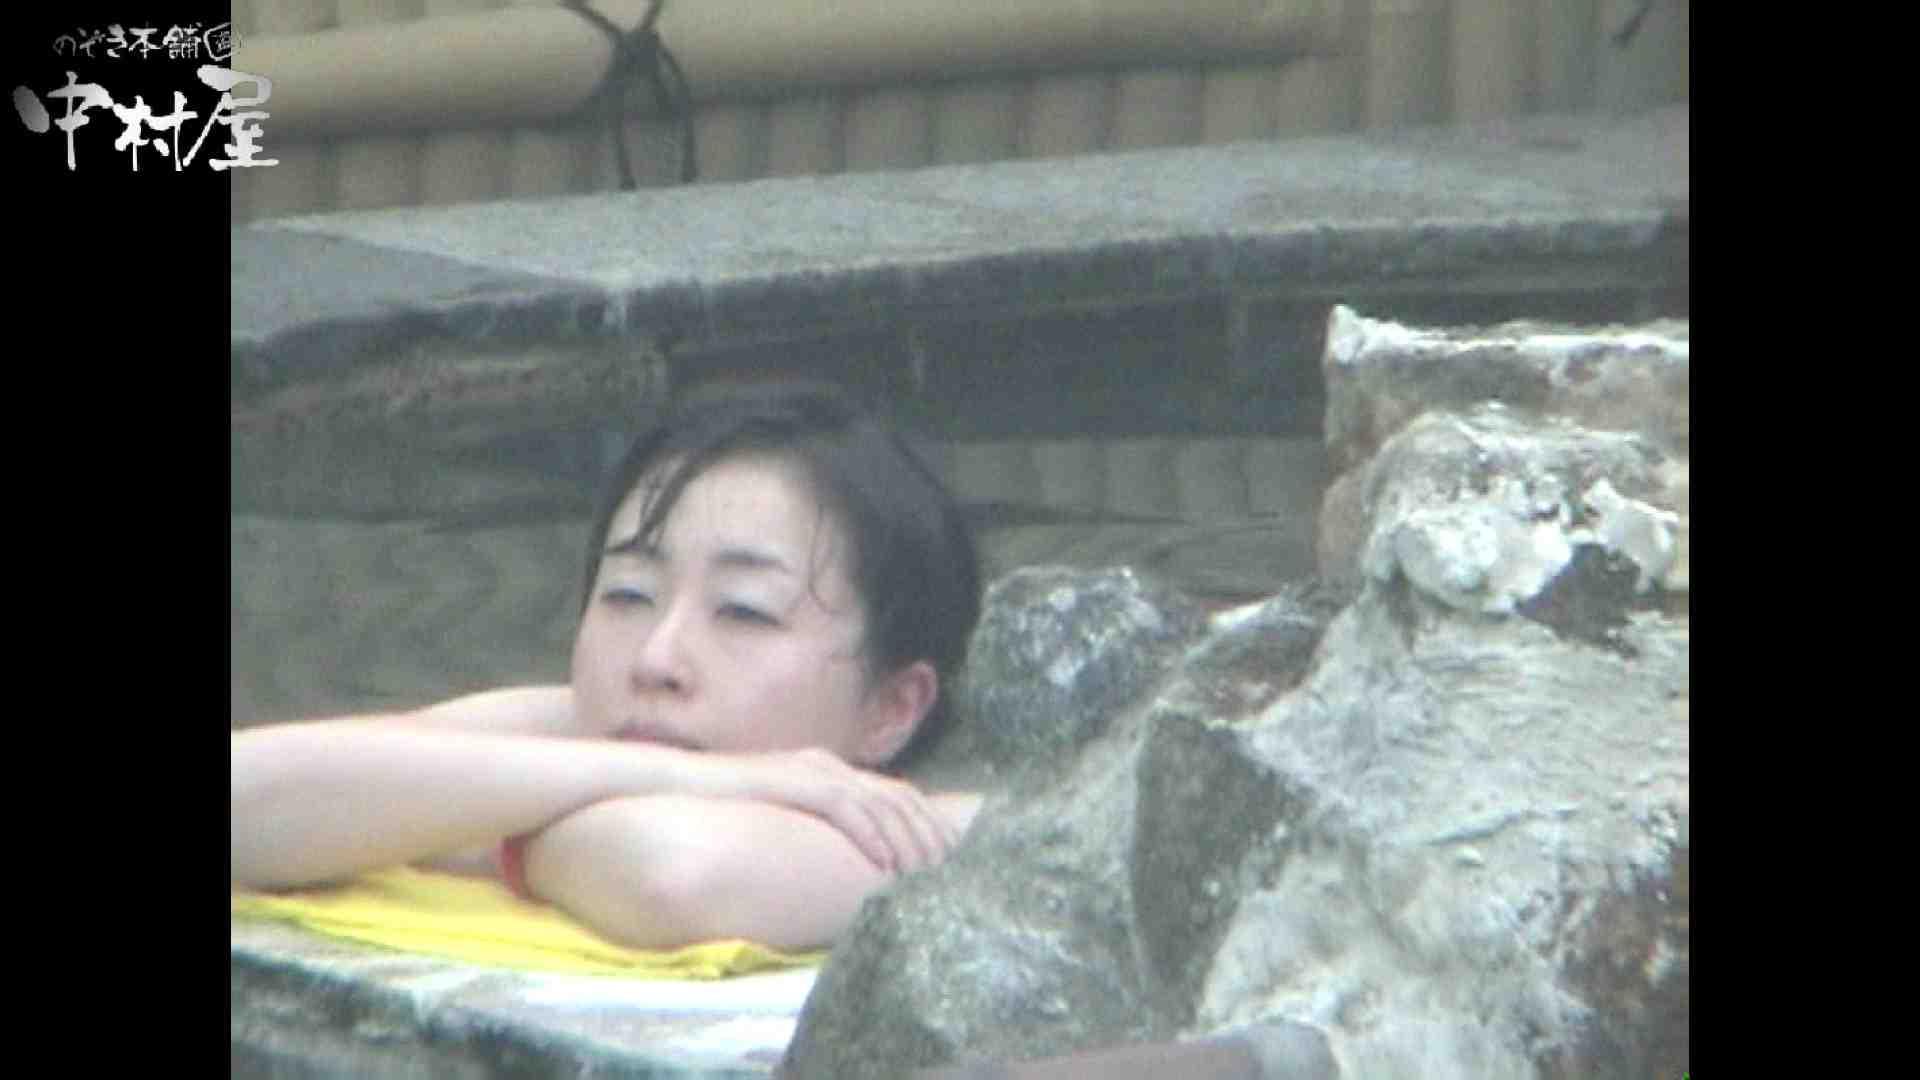 Aquaな露天風呂Vol.957 盗撮シリーズ  110PIX 12